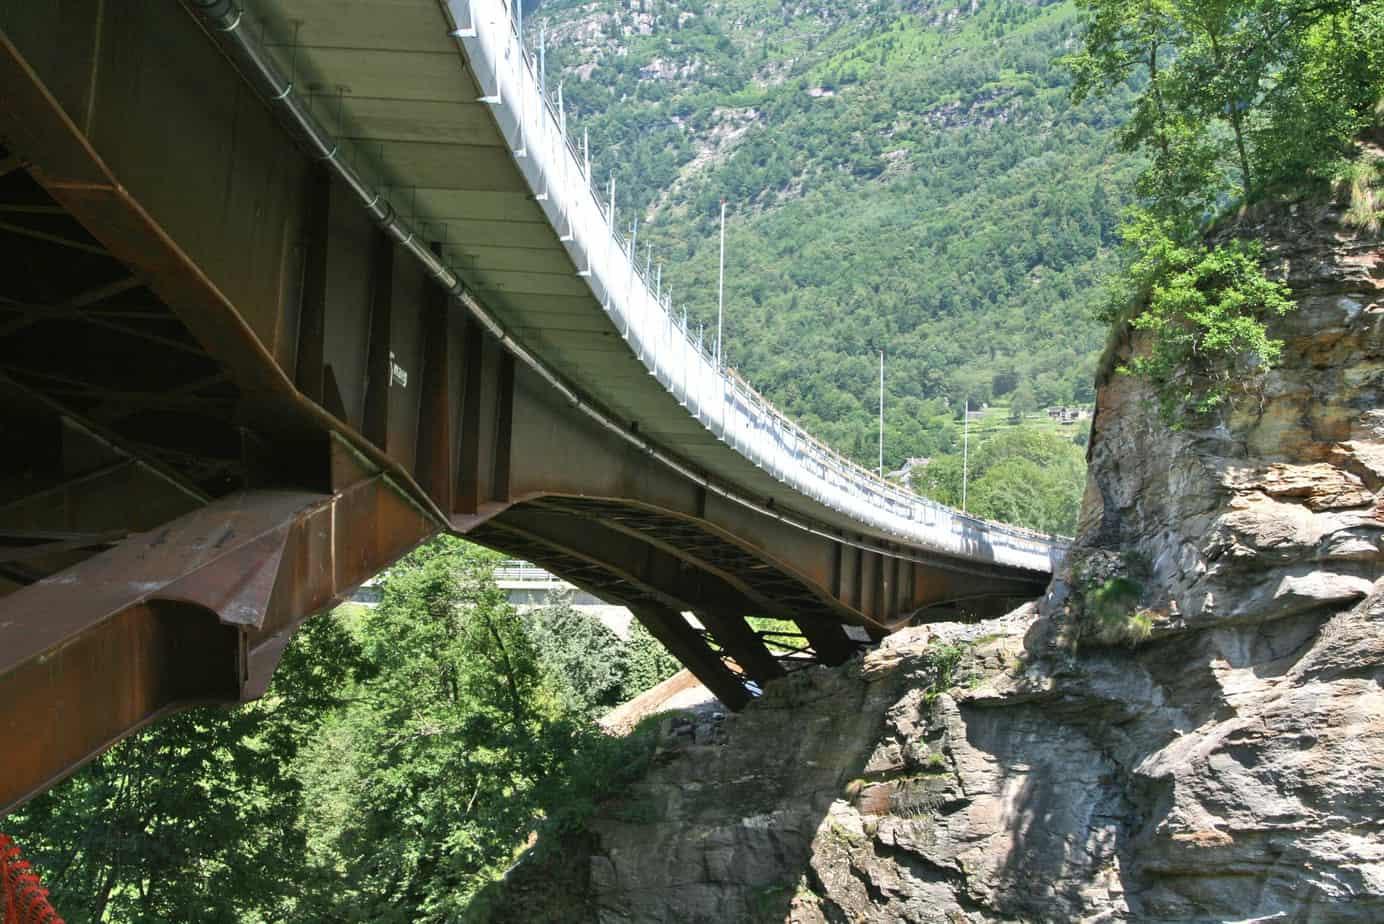 Vista generale del ponte